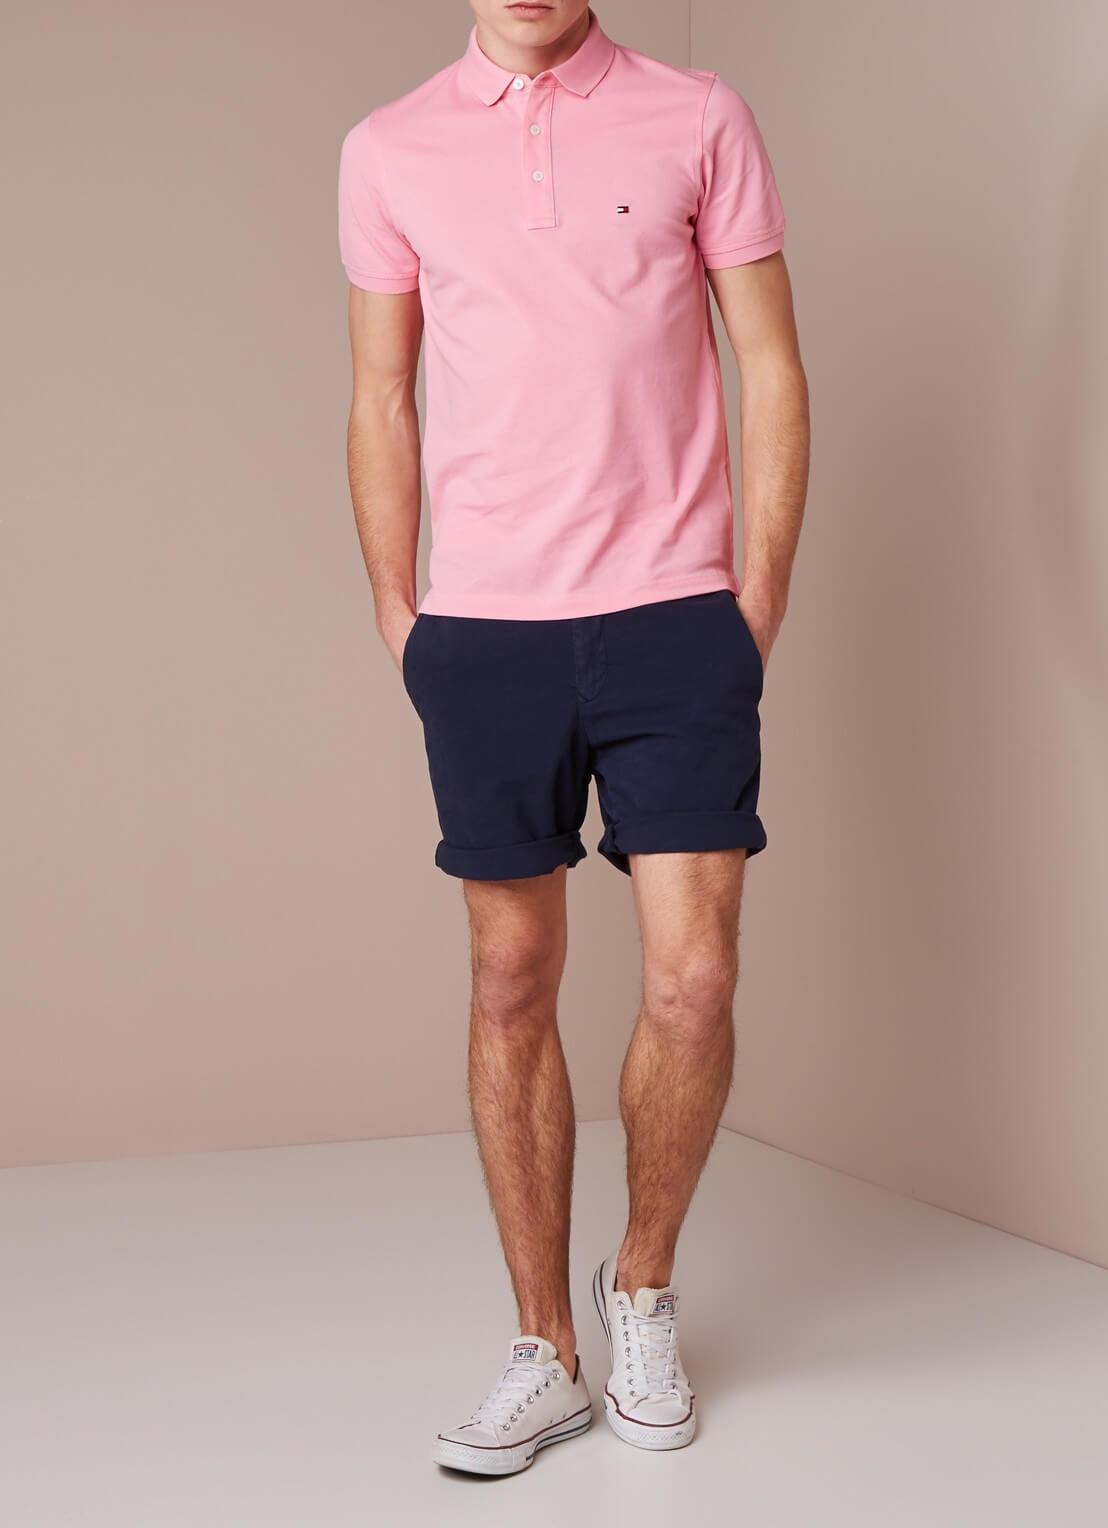 Weekend wear 6 - Mr.Draper